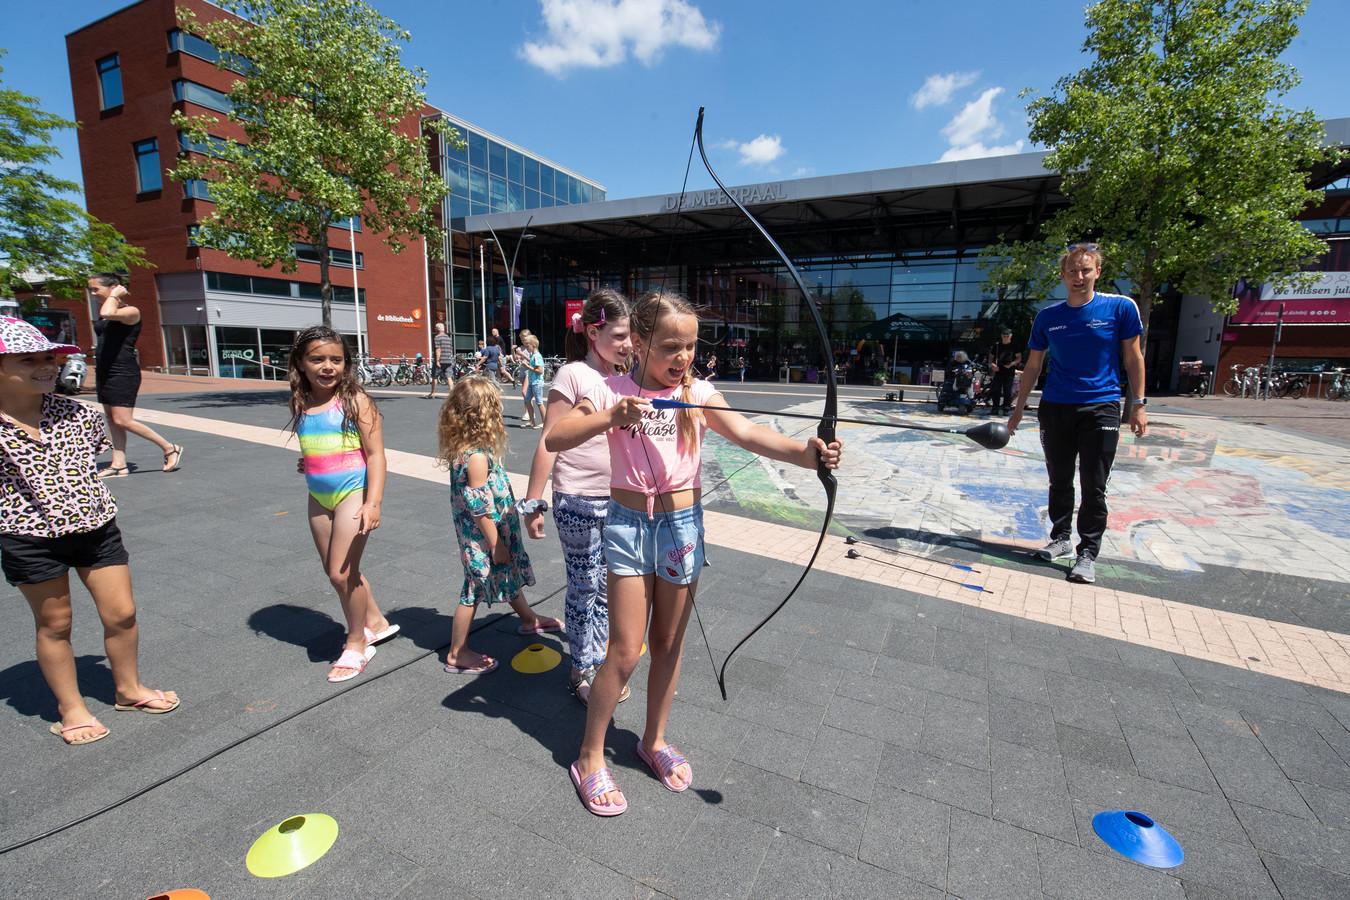 Om te vieren dat de terrassen weer open mogen, organiseerde winkeliersvereniging Suydersee samen met De Meerpaal in Dronten afgelopen zaterdag activiteiten op het Meerpaalplein. Zo waren er sport- en spelactiviteiten voor kinderen tot 12 jaar.